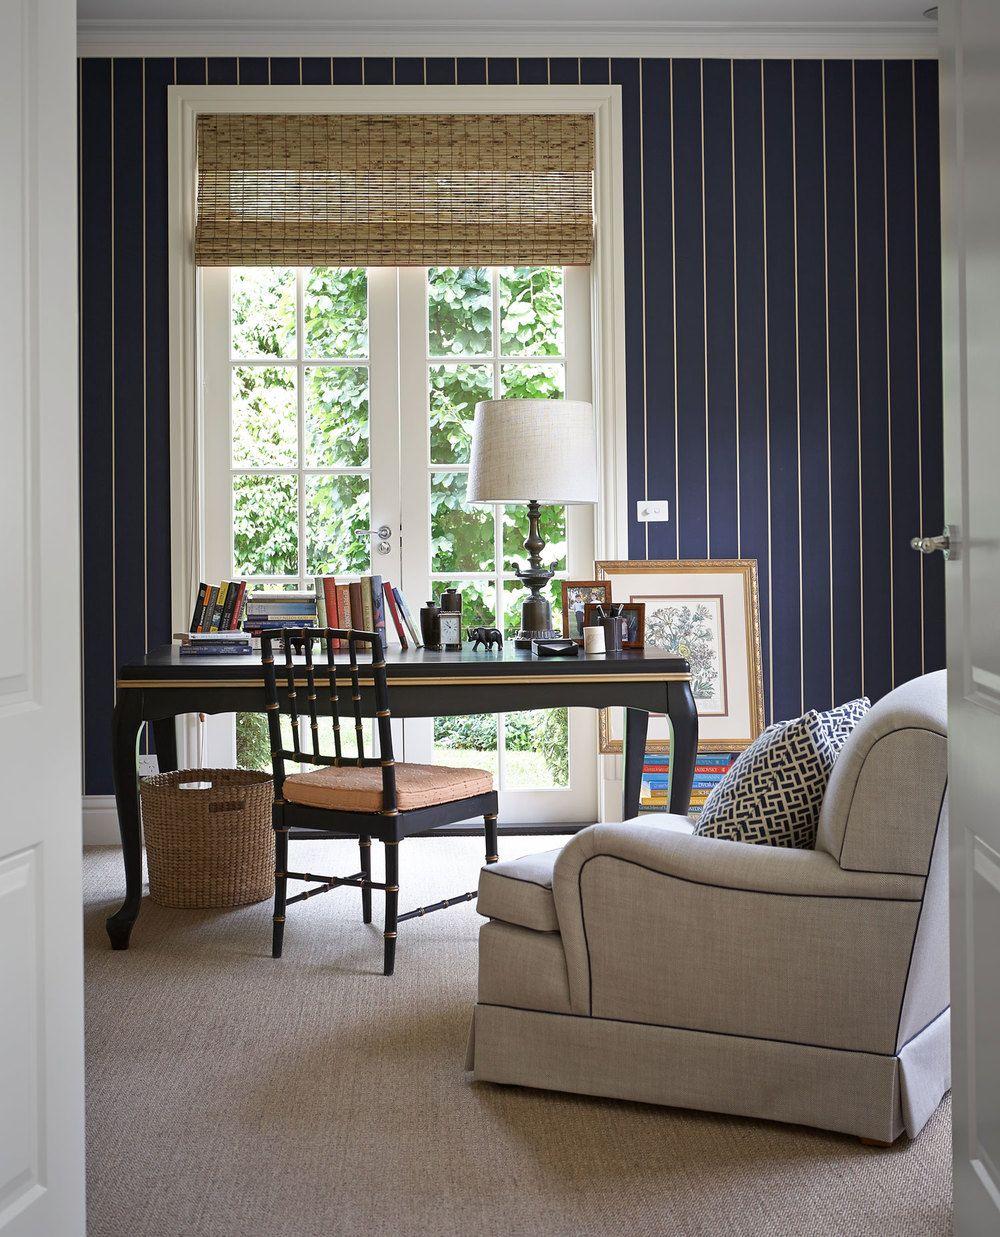 Portfolio interior design diane bergeron interiors - White Rooms